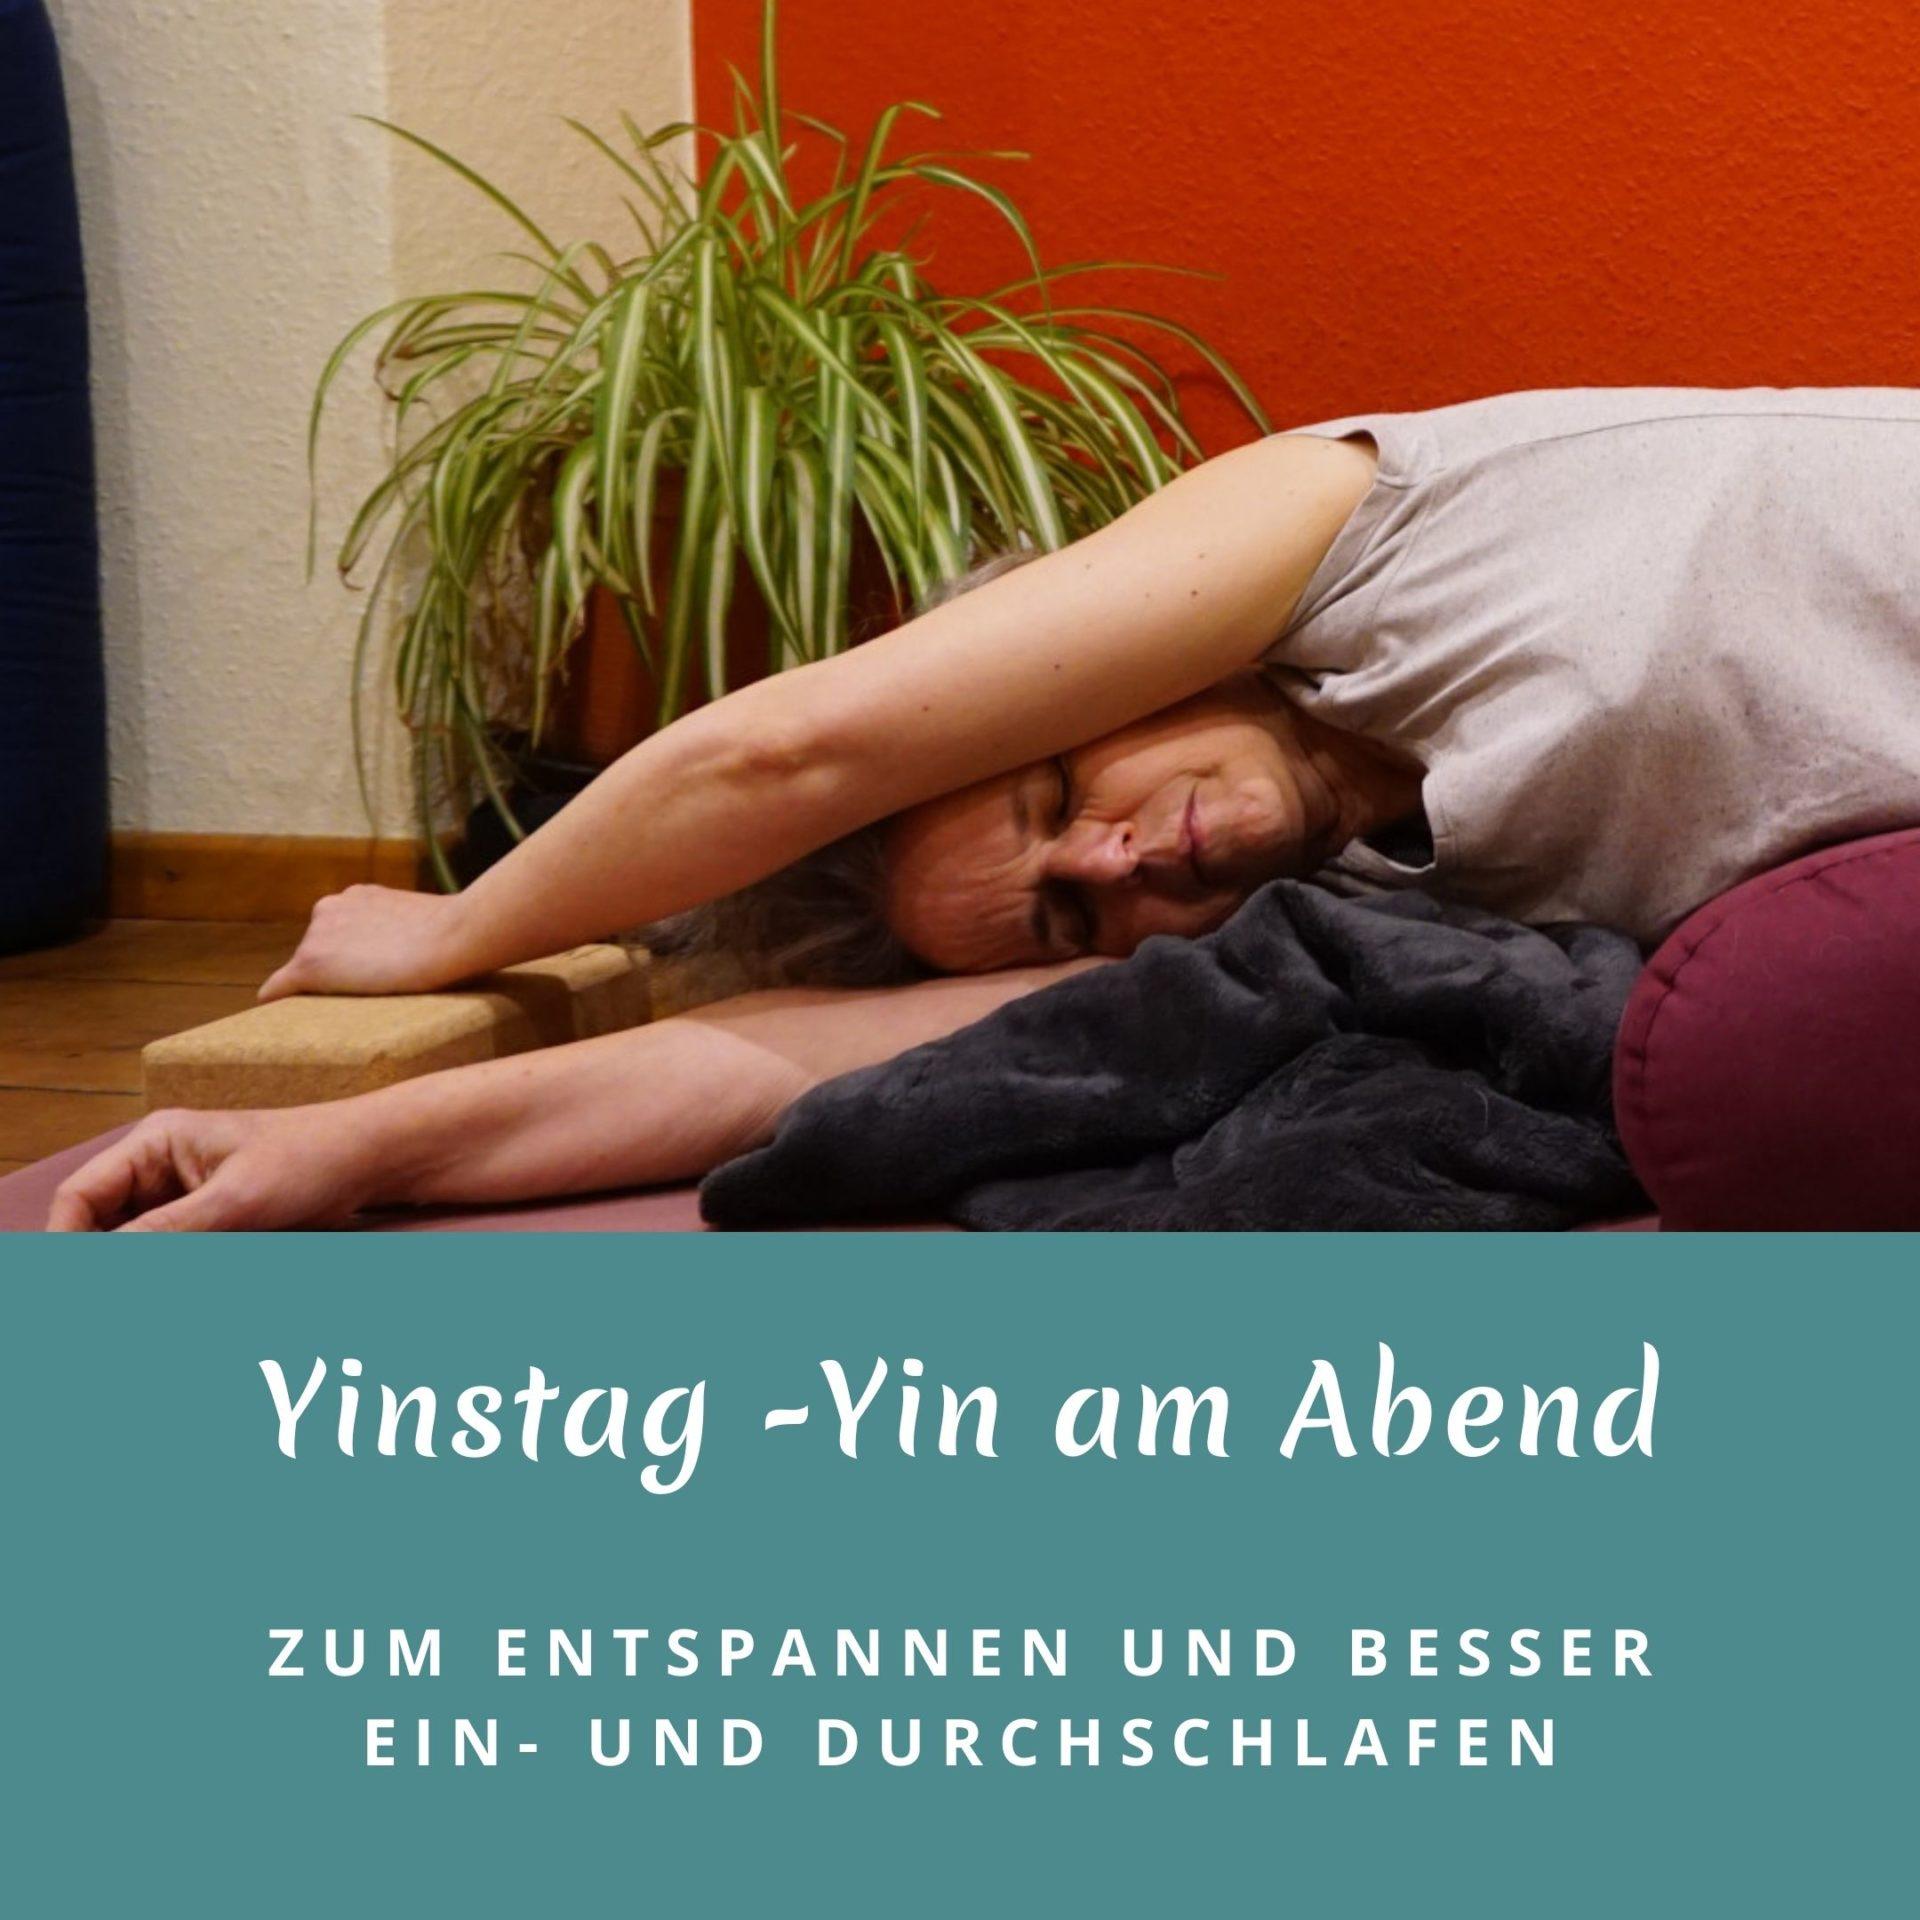 """Susanne in der Yinposition """"liegende Banane"""" Das Bild trägt die Aufschrift: Yinstag - Yin am Abend, Zum Entspannen und besser ein- und Durchschlafen"""